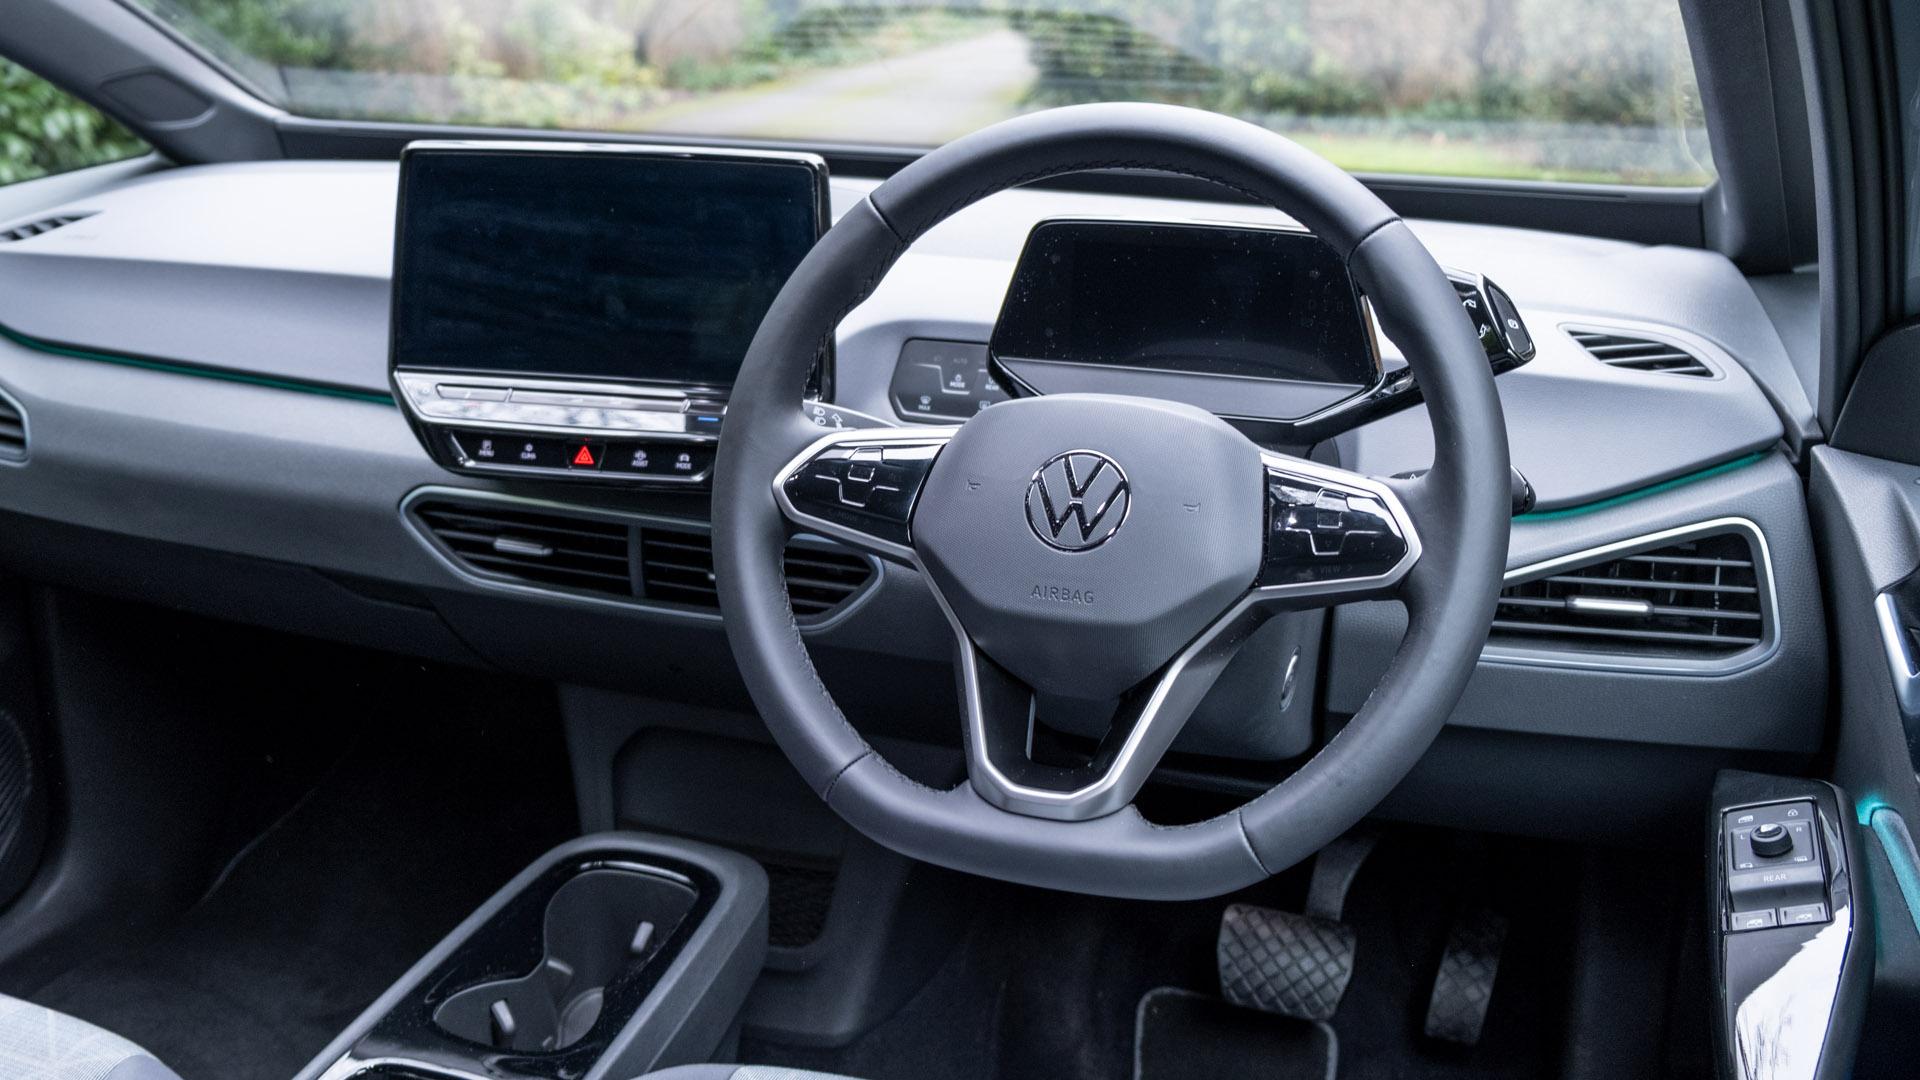 Volkswagen ID.3 front cabin